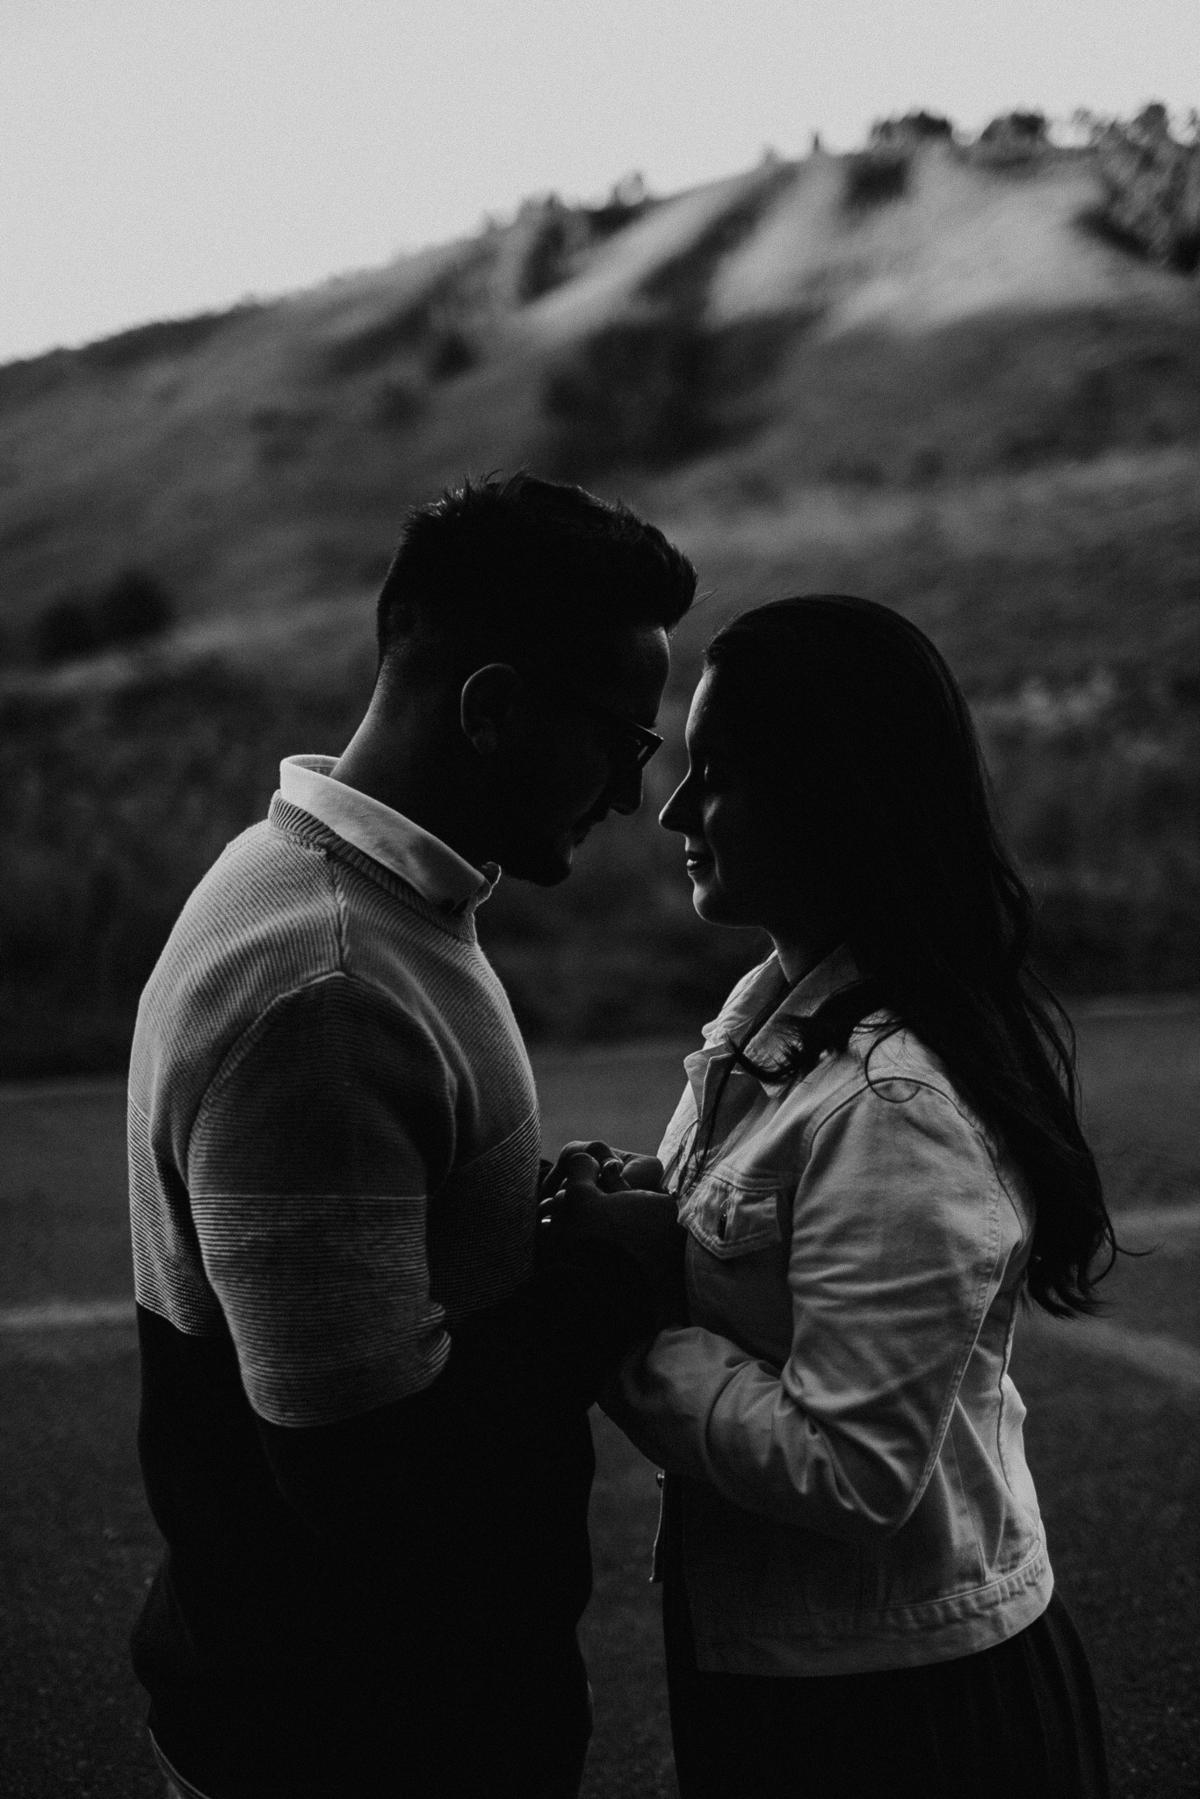 fim de tarde em campos do jordao fotografos autenticos casar de dia casamentos na fazenda pre wedding no campo ensaio na estrada fotos por caio henrique